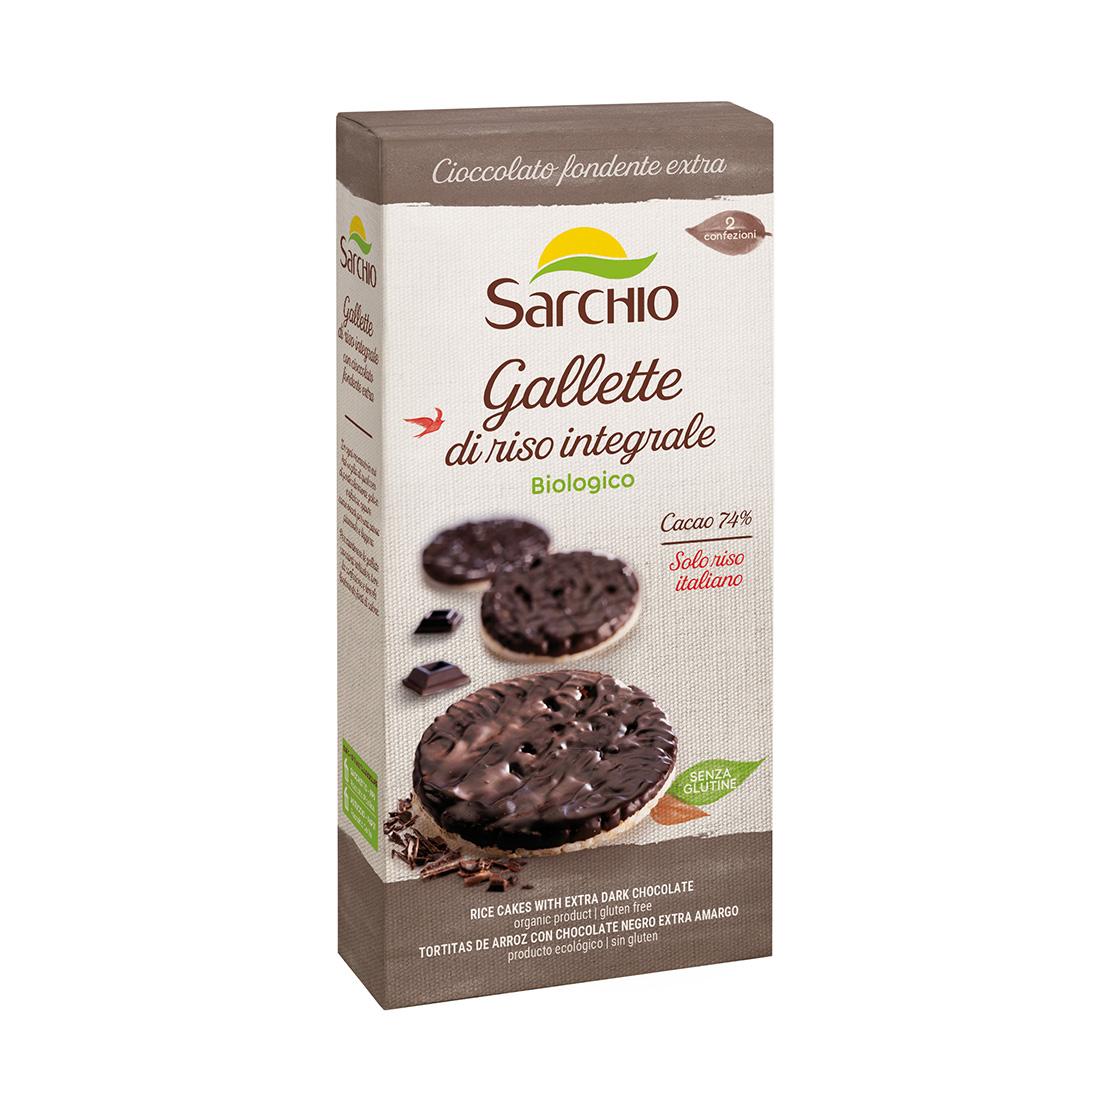 Gallette con cioccolato fondente extra